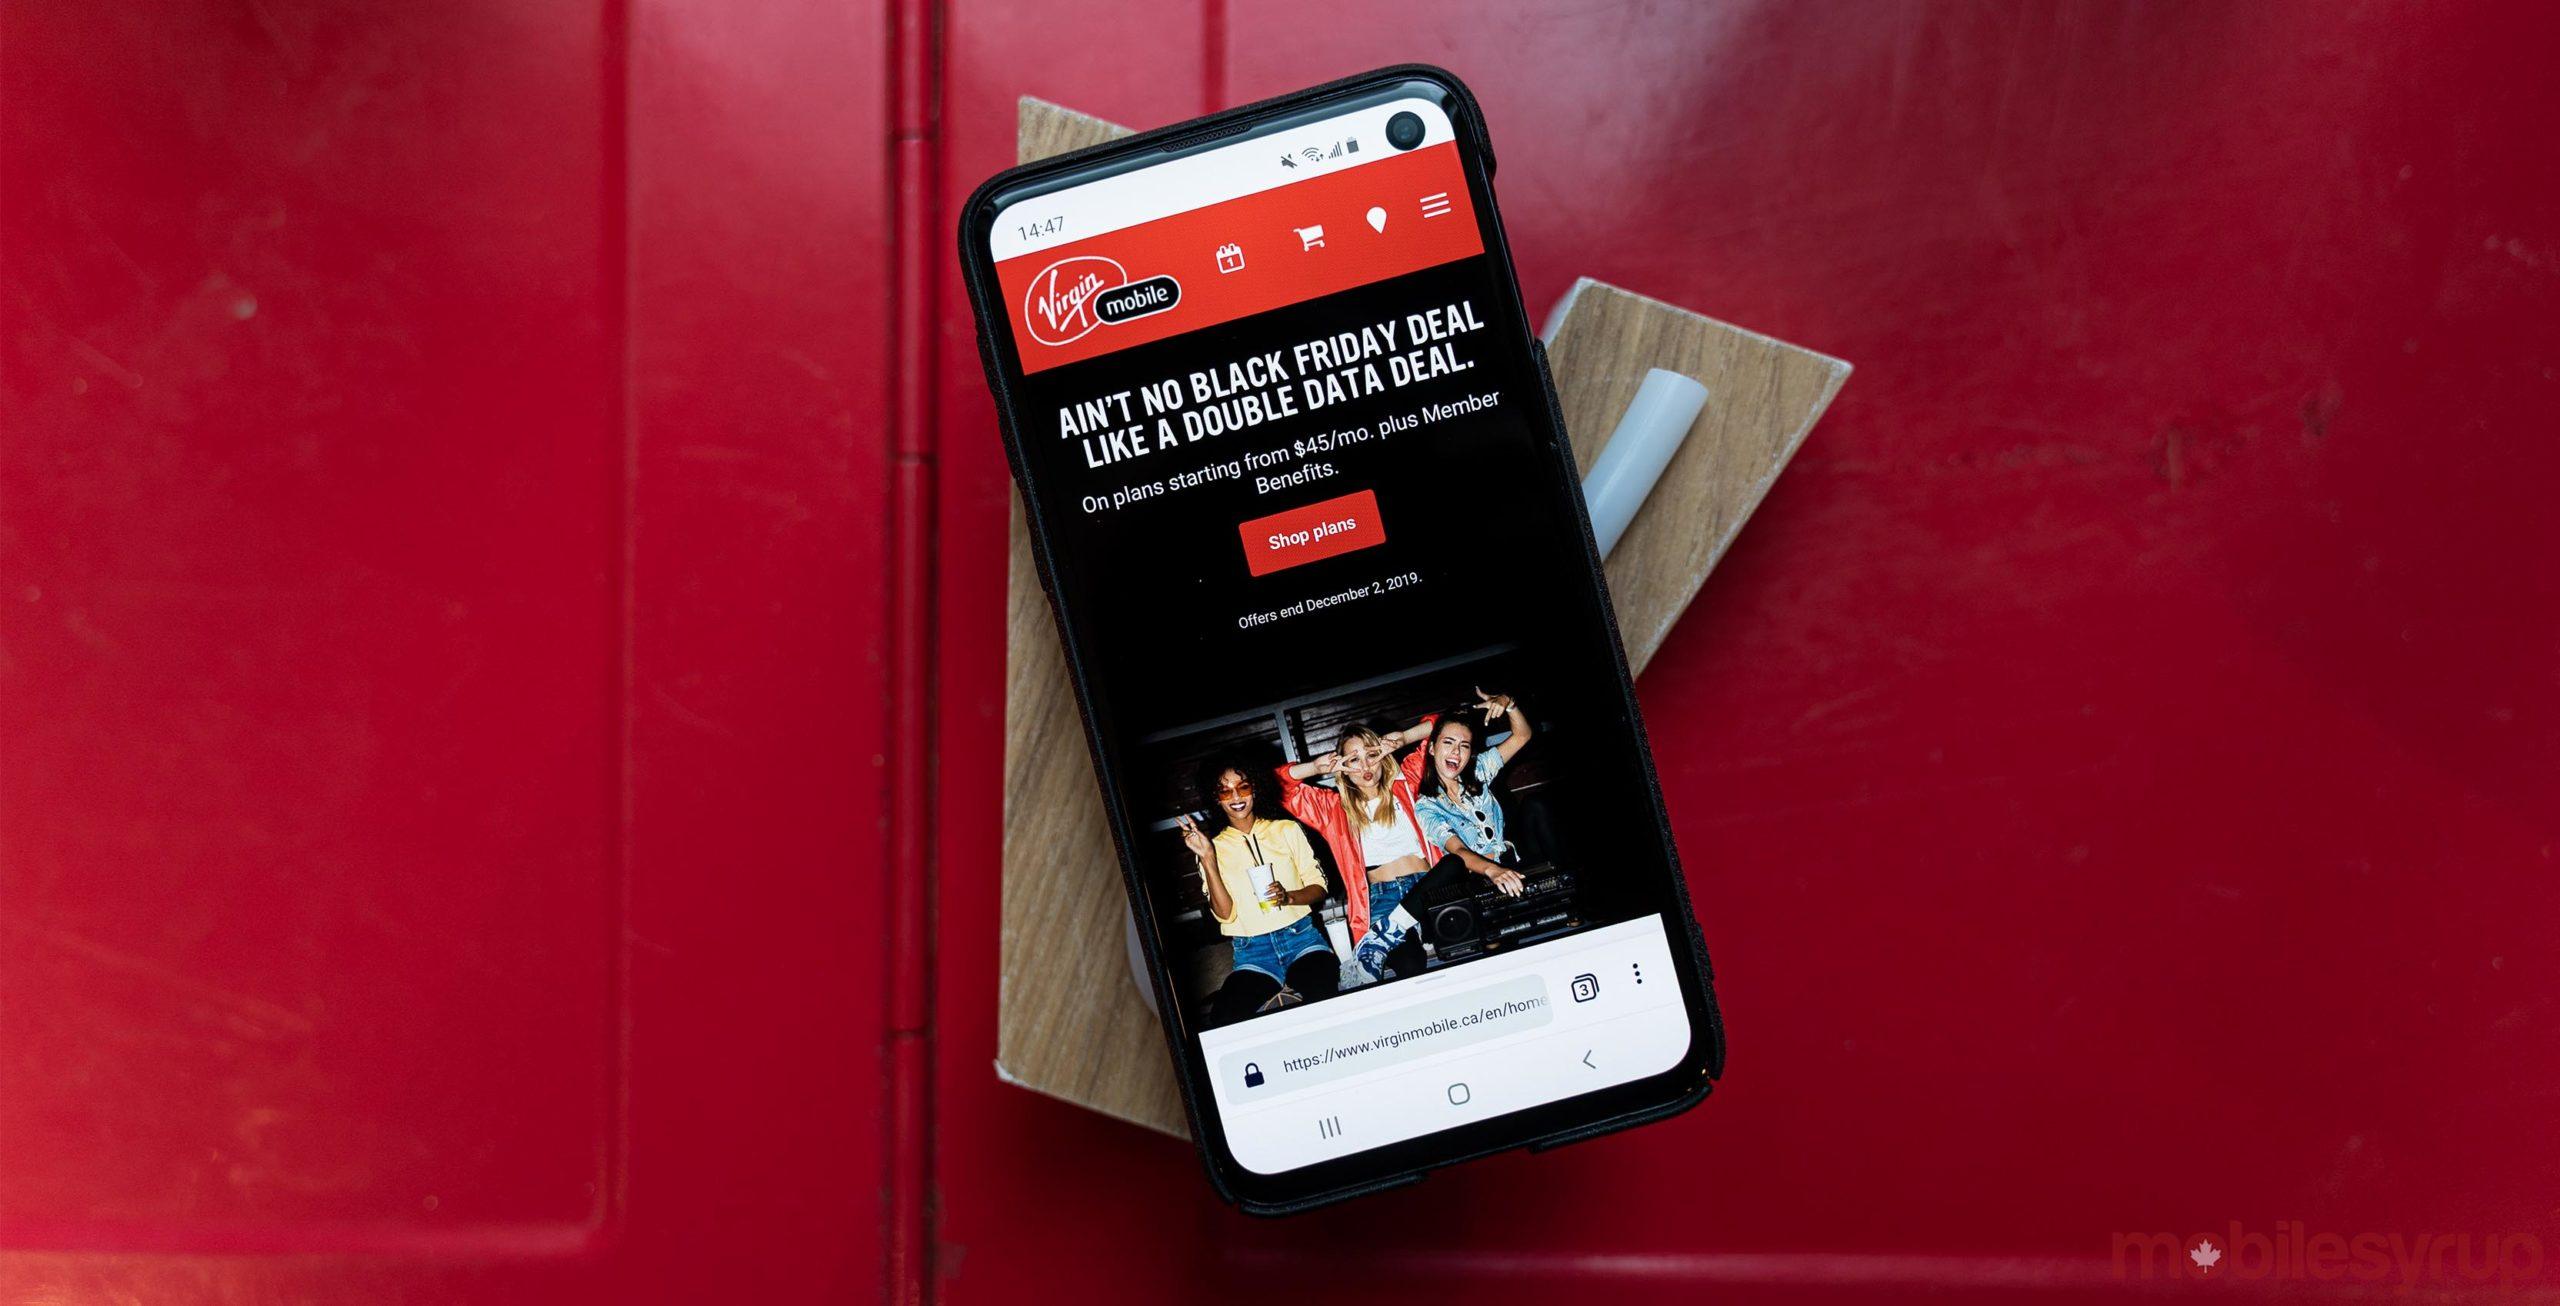 Virgin Mobile Black Friday